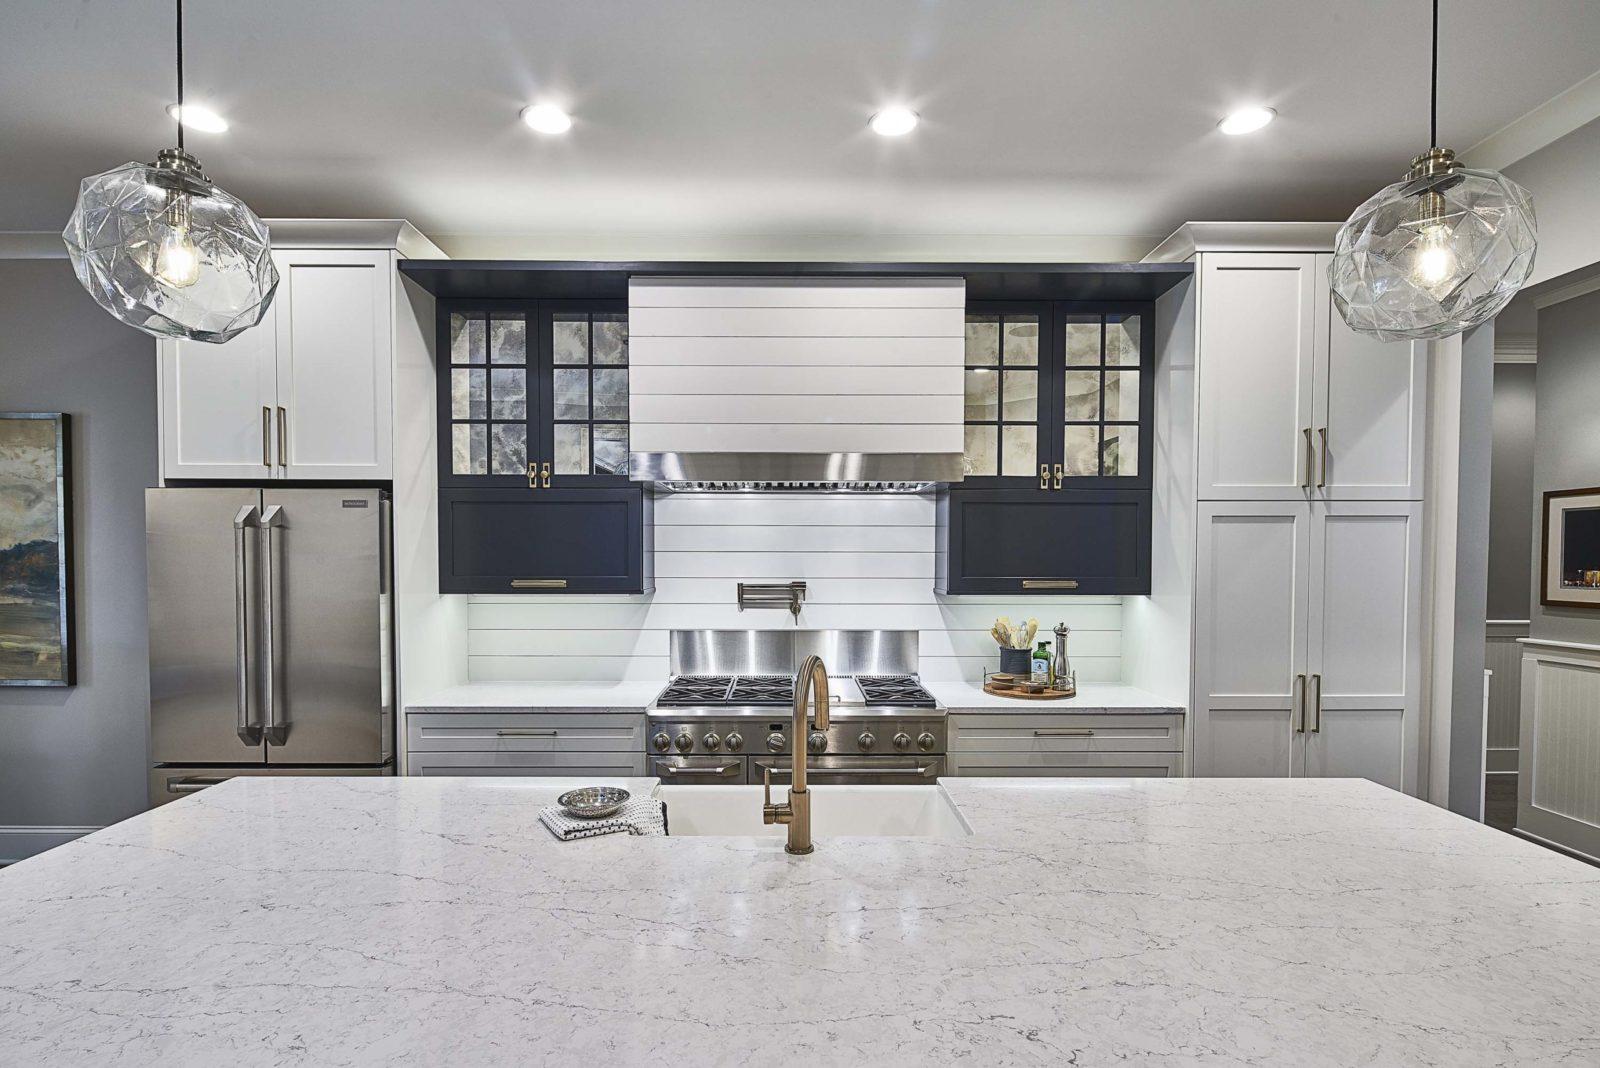 fort-mill-kitchen-redesign-kitchen-island-sink